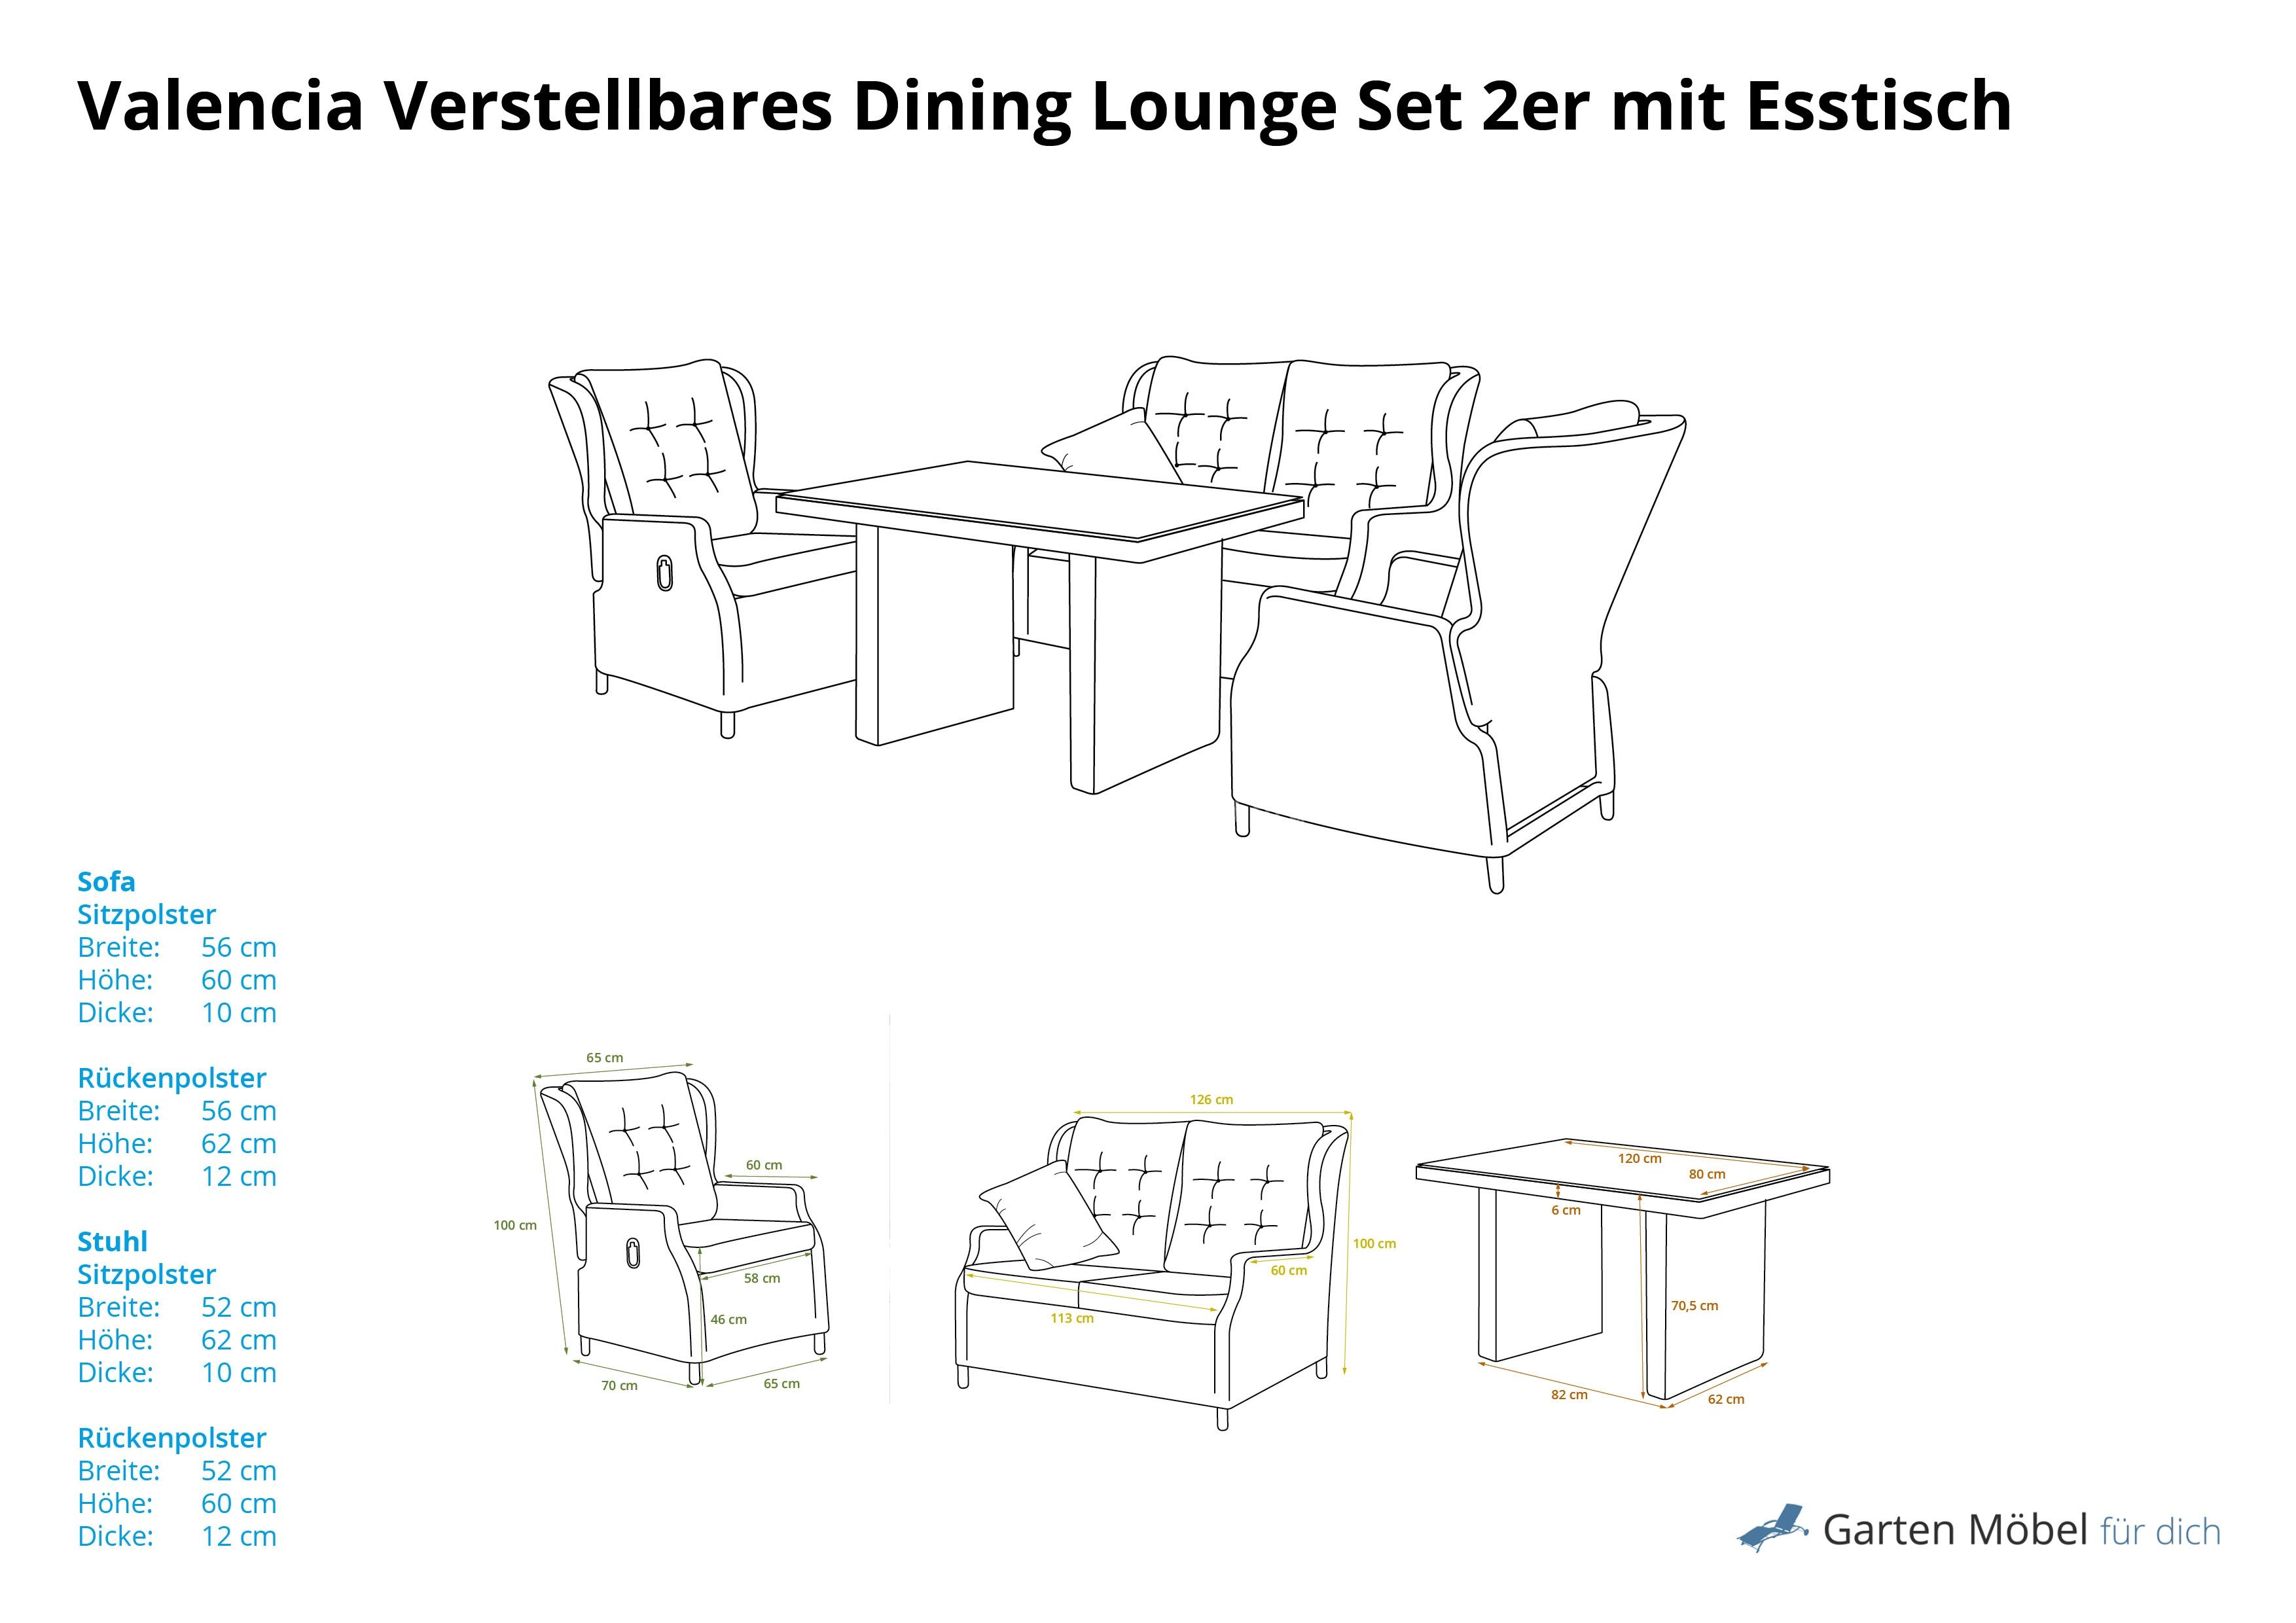 Valencia verstellbares dining lounge set 2er mit esstisch for Lounge set mit esstisch